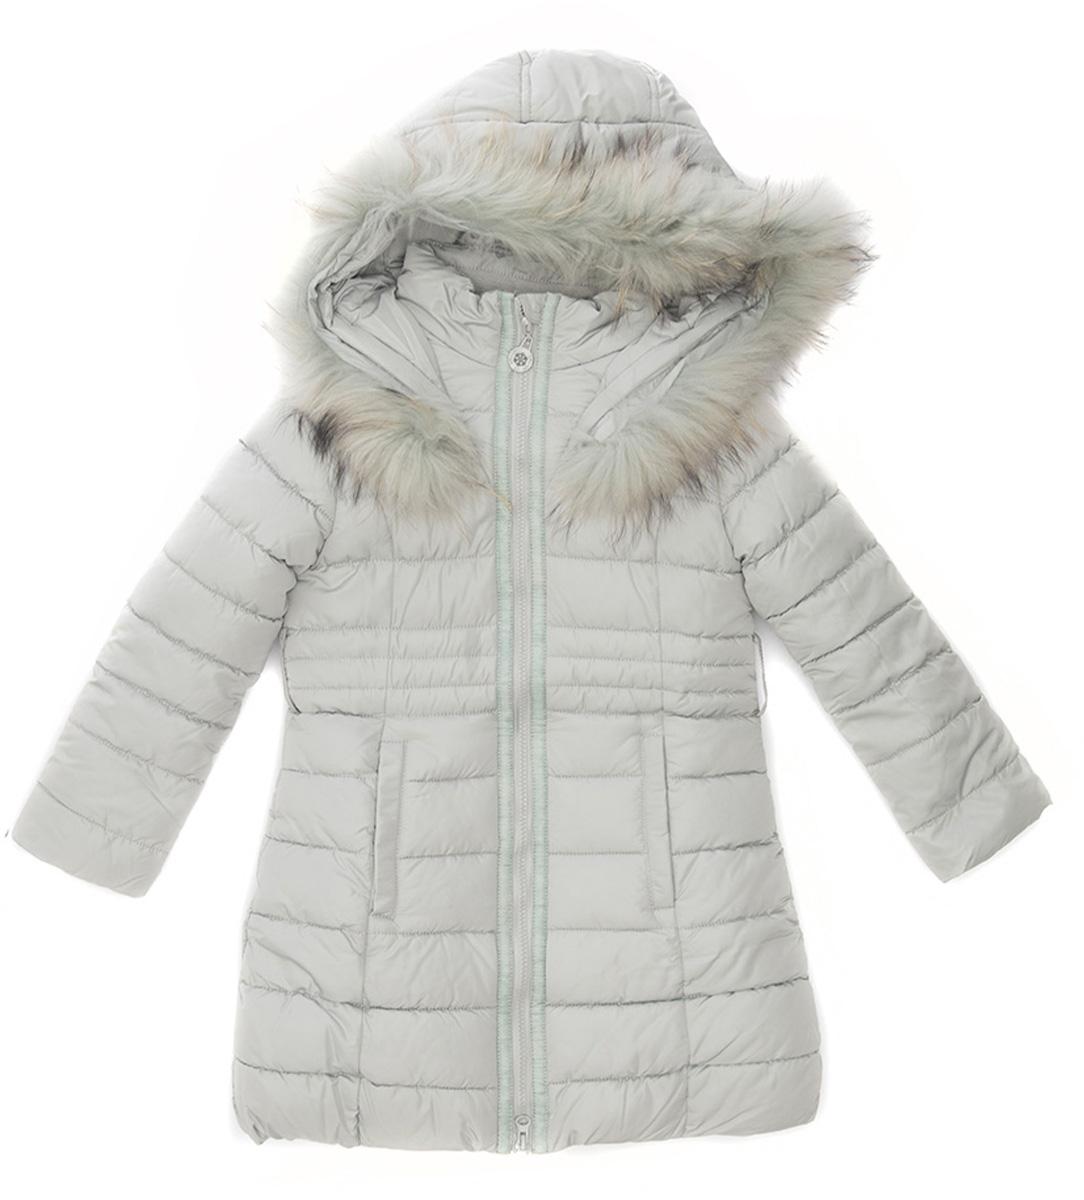 Куртка для девочки Vitacci, цвет: серый. 2171479-02. Размер 1462171479-02Удлиненная куртка-пальто для девочки Vitacci, изготовленная из полиэстера, станет стильнымдополнением к детскому гардеробу.Подкладка выполнена из полиэстера и дополнительно утеплена флисом по спинке. В качестве наполнителя используется биопух.Модель застегивается на застежку-молнию и имеет съемный капюшон с опушкой из натурального меха. Спереди расположены два кармана.Температурный режим от -10°С до -25°С.Теплая, удобная и практичная куртка идеально подойдет юной моднице для прогулок!